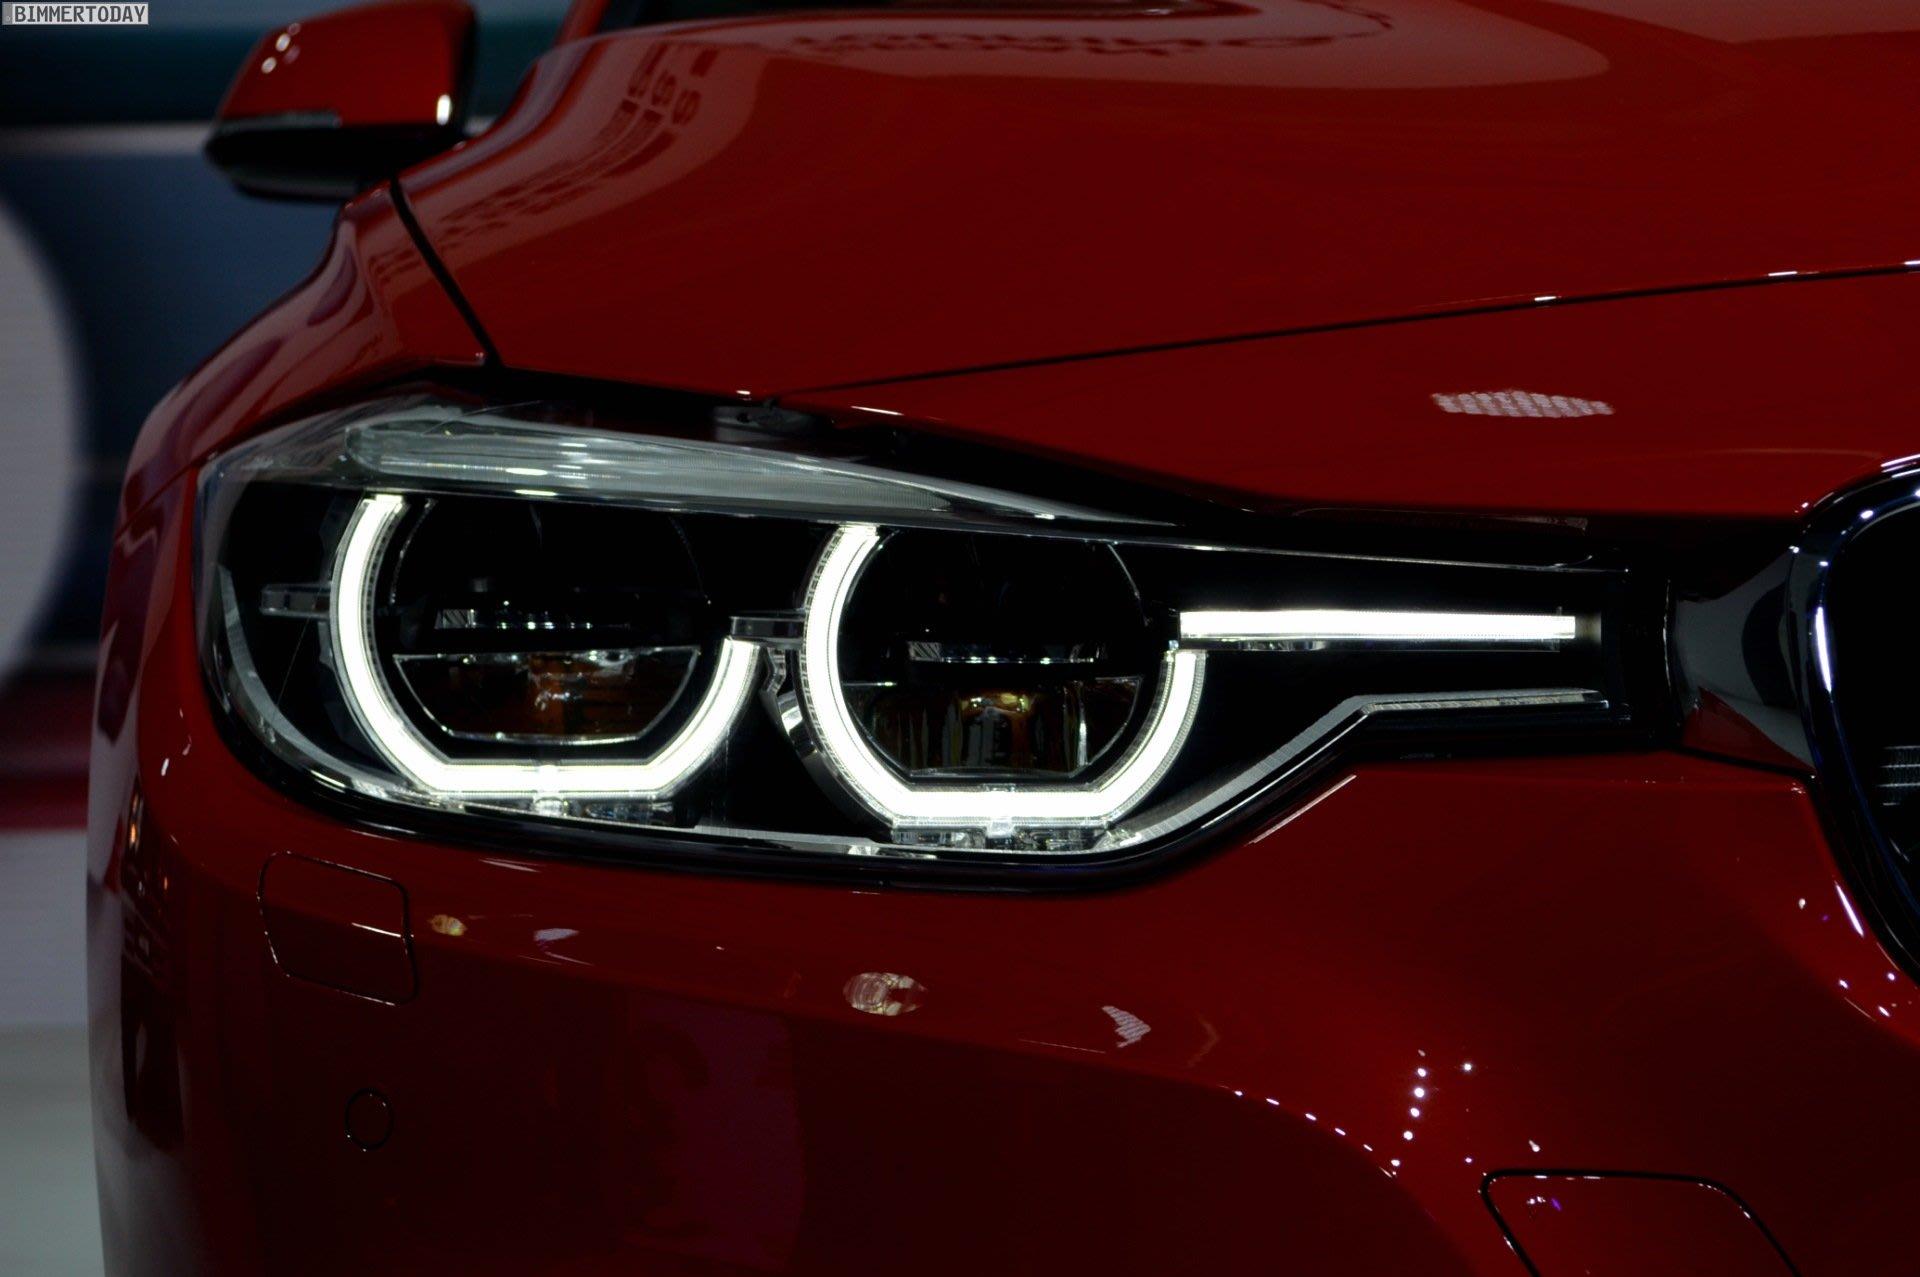 【樂駒】BMW 原廠 F30 F31 升級 LCI LED Black Line 燻黑大燈組 電子改裝套件